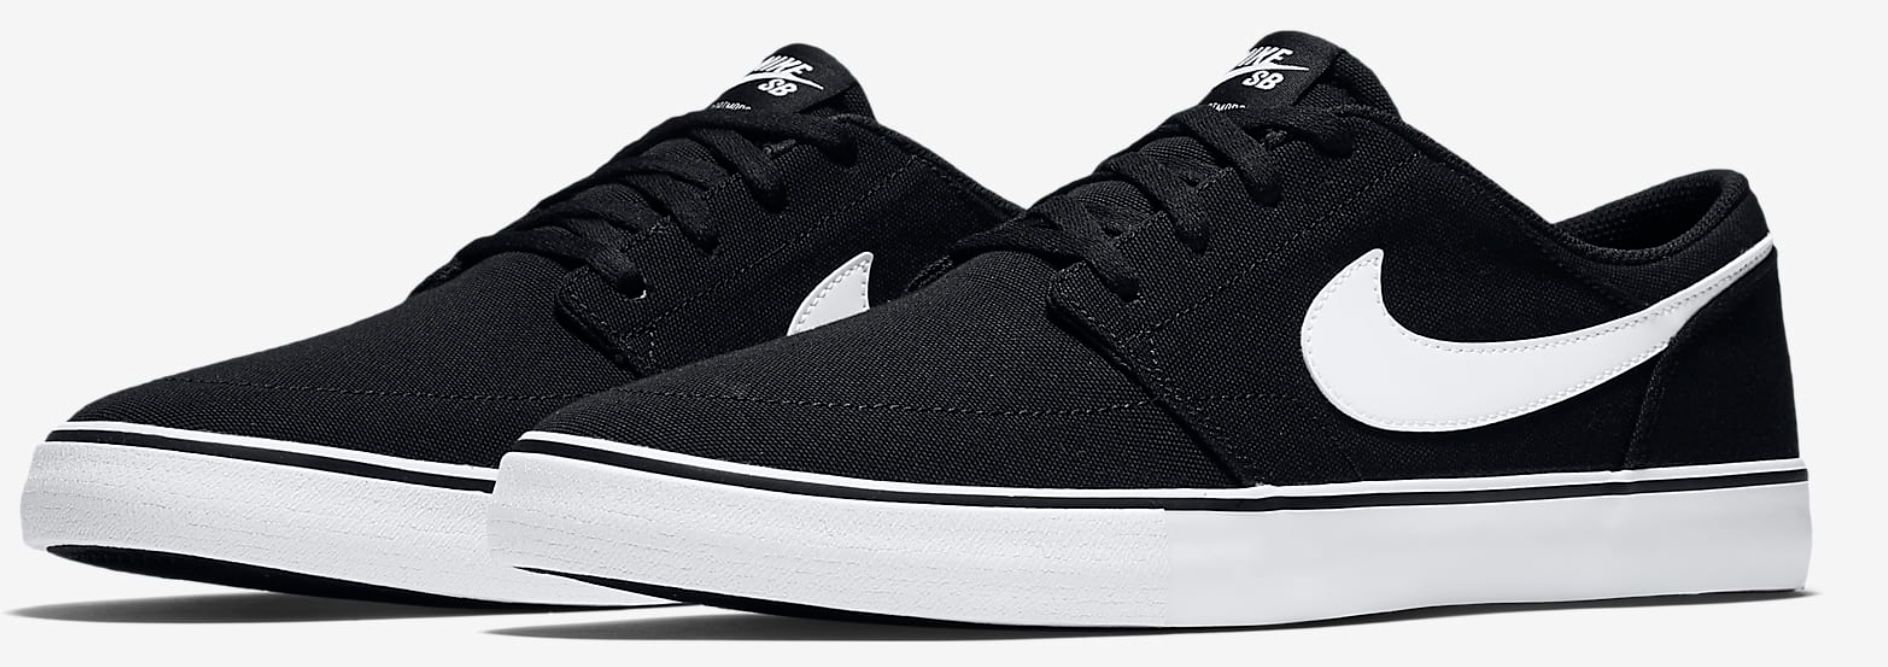 Nike SB Solarsoft Portmore II Herren Skateboardschuh aus Segeltuch für 36,73€ (statt 75€)